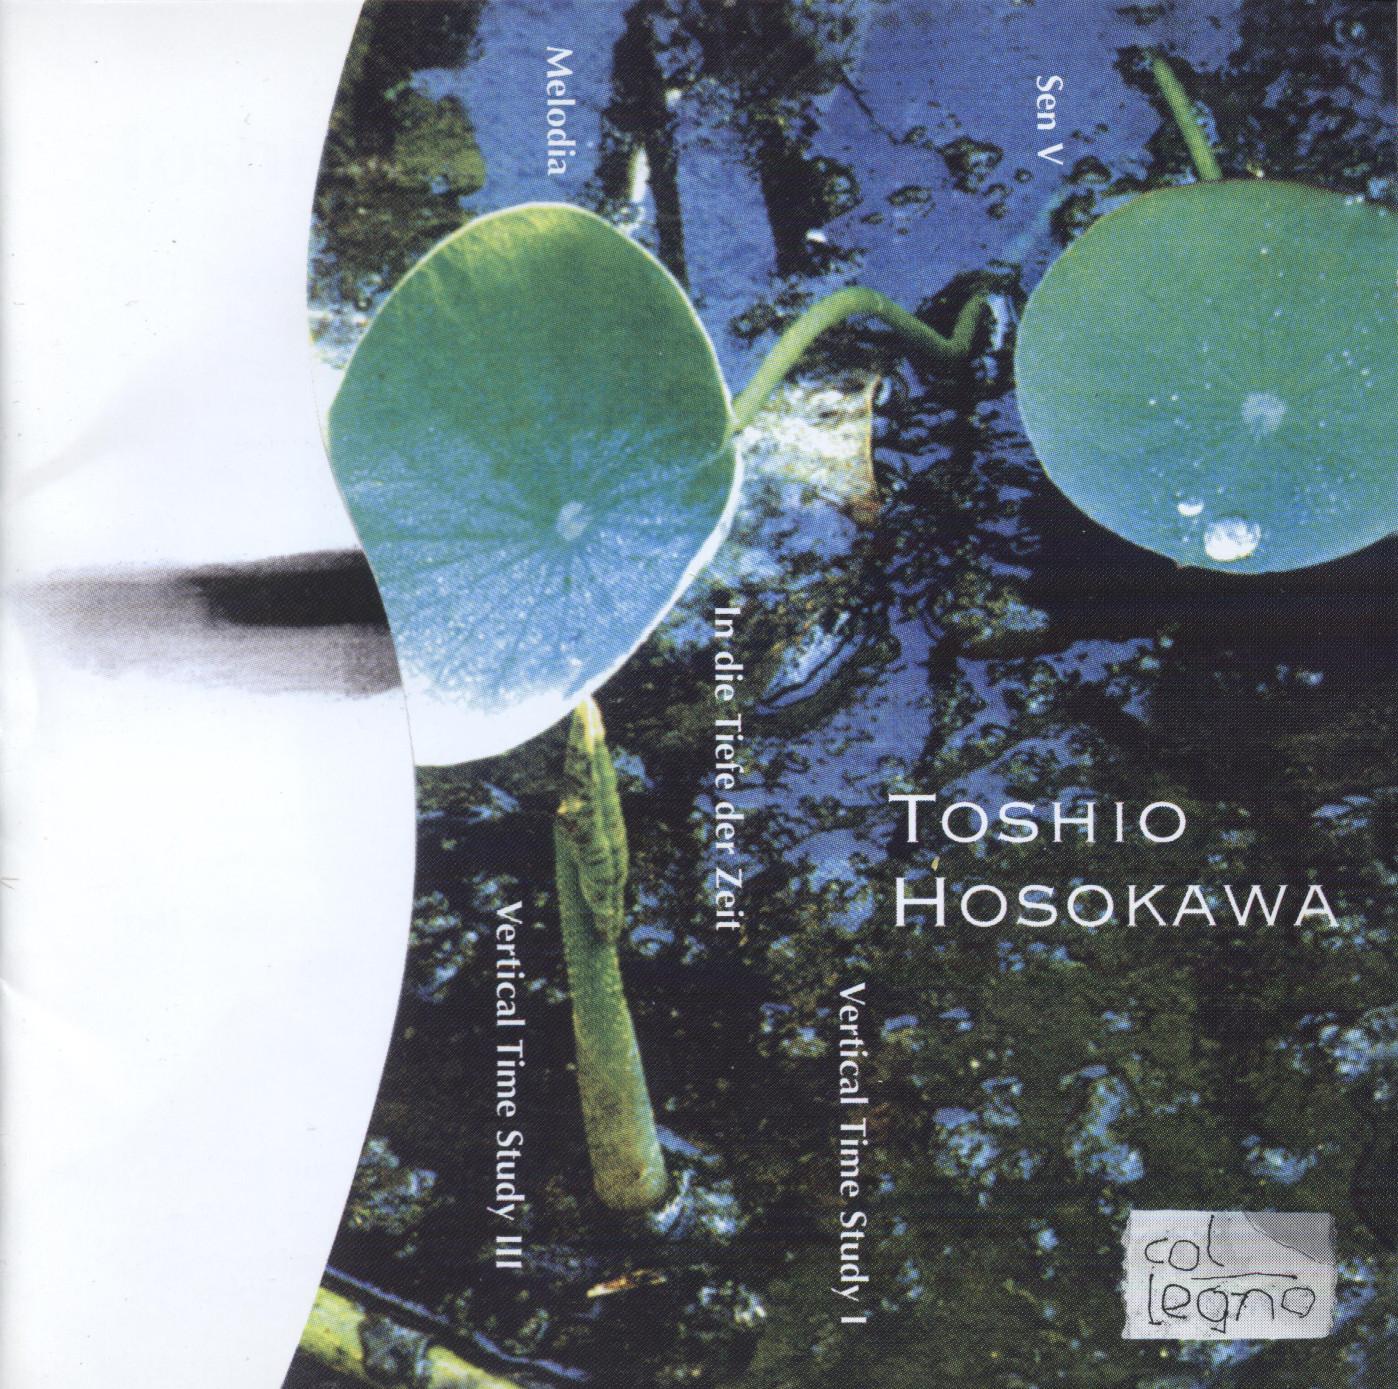 toshio hosokawa portrait